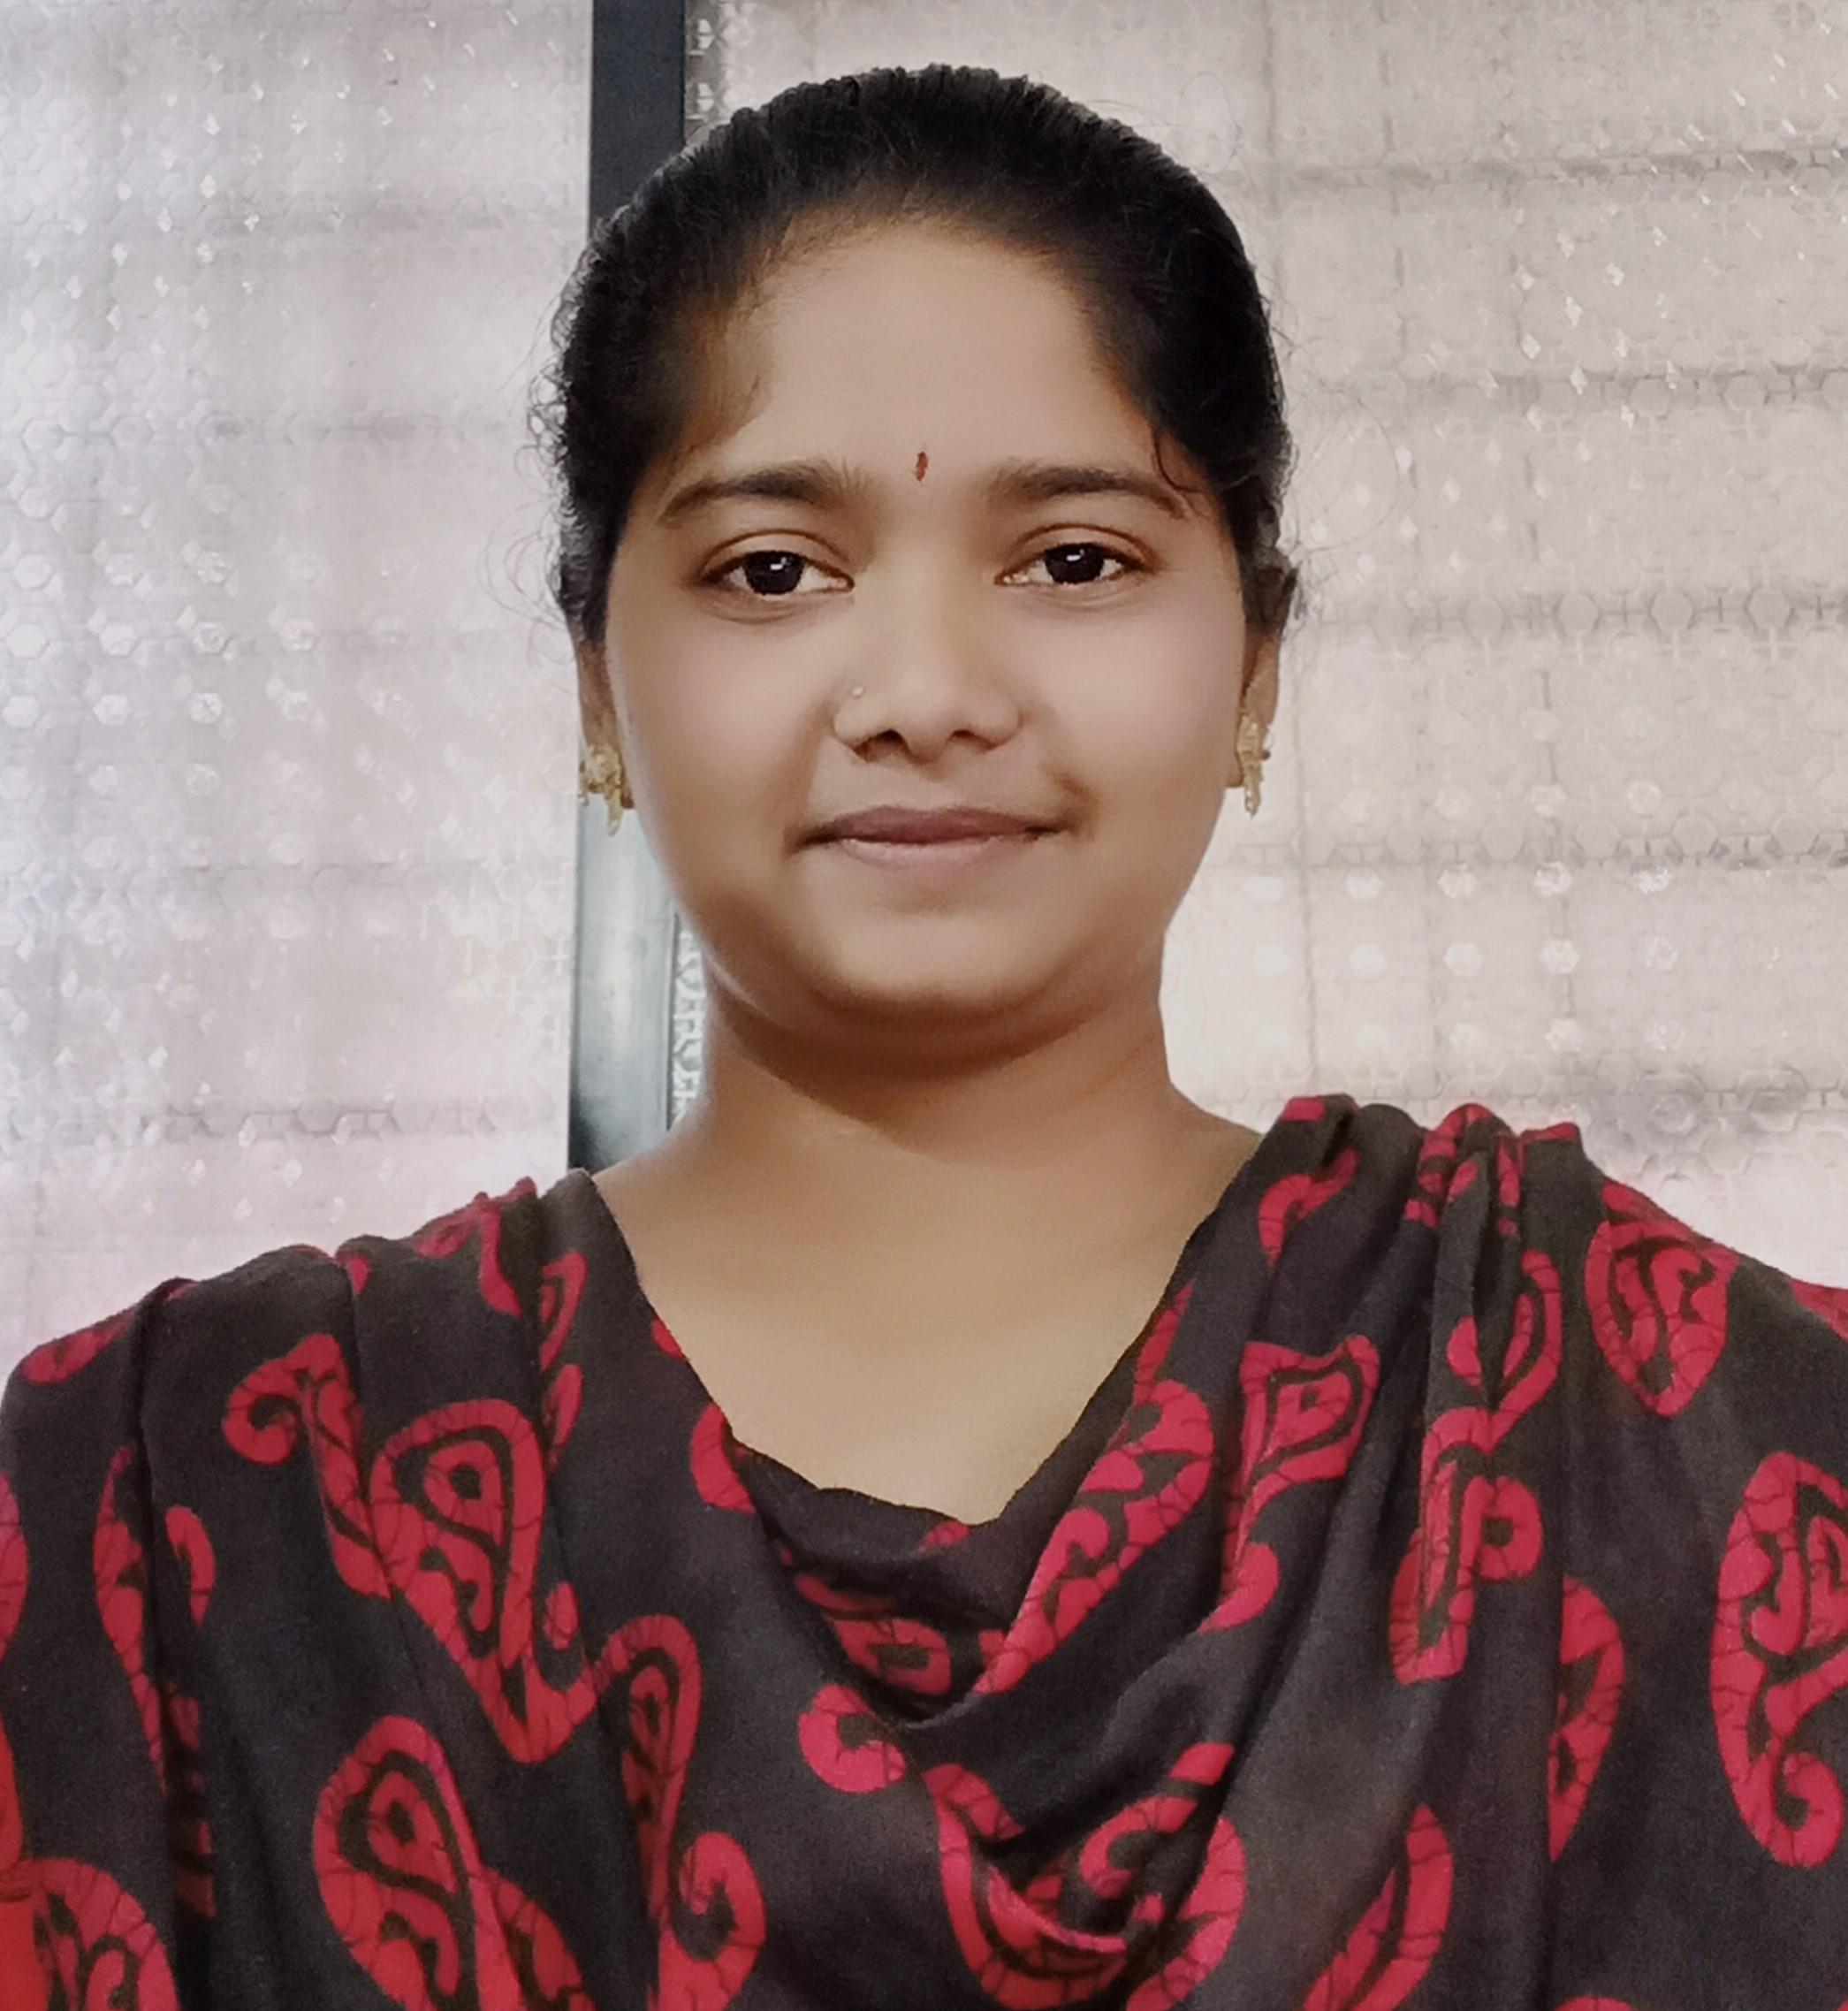 Prajkta Dhole